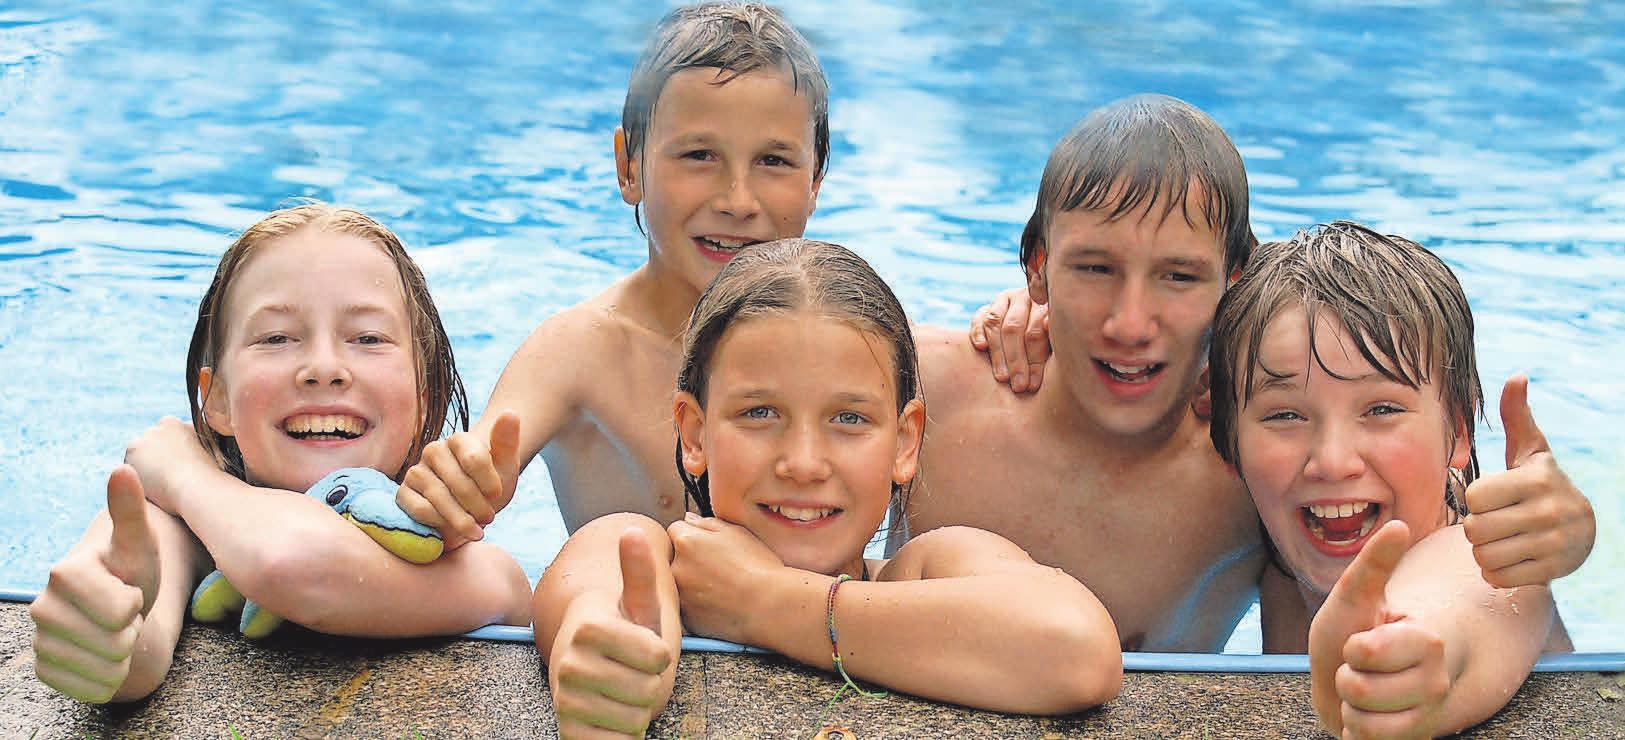 Schon bald können die Kids wieder ausgelassen schwimmen und baden, wenn das Freibad Ende April öffnet. Hofschläger-Pixelio